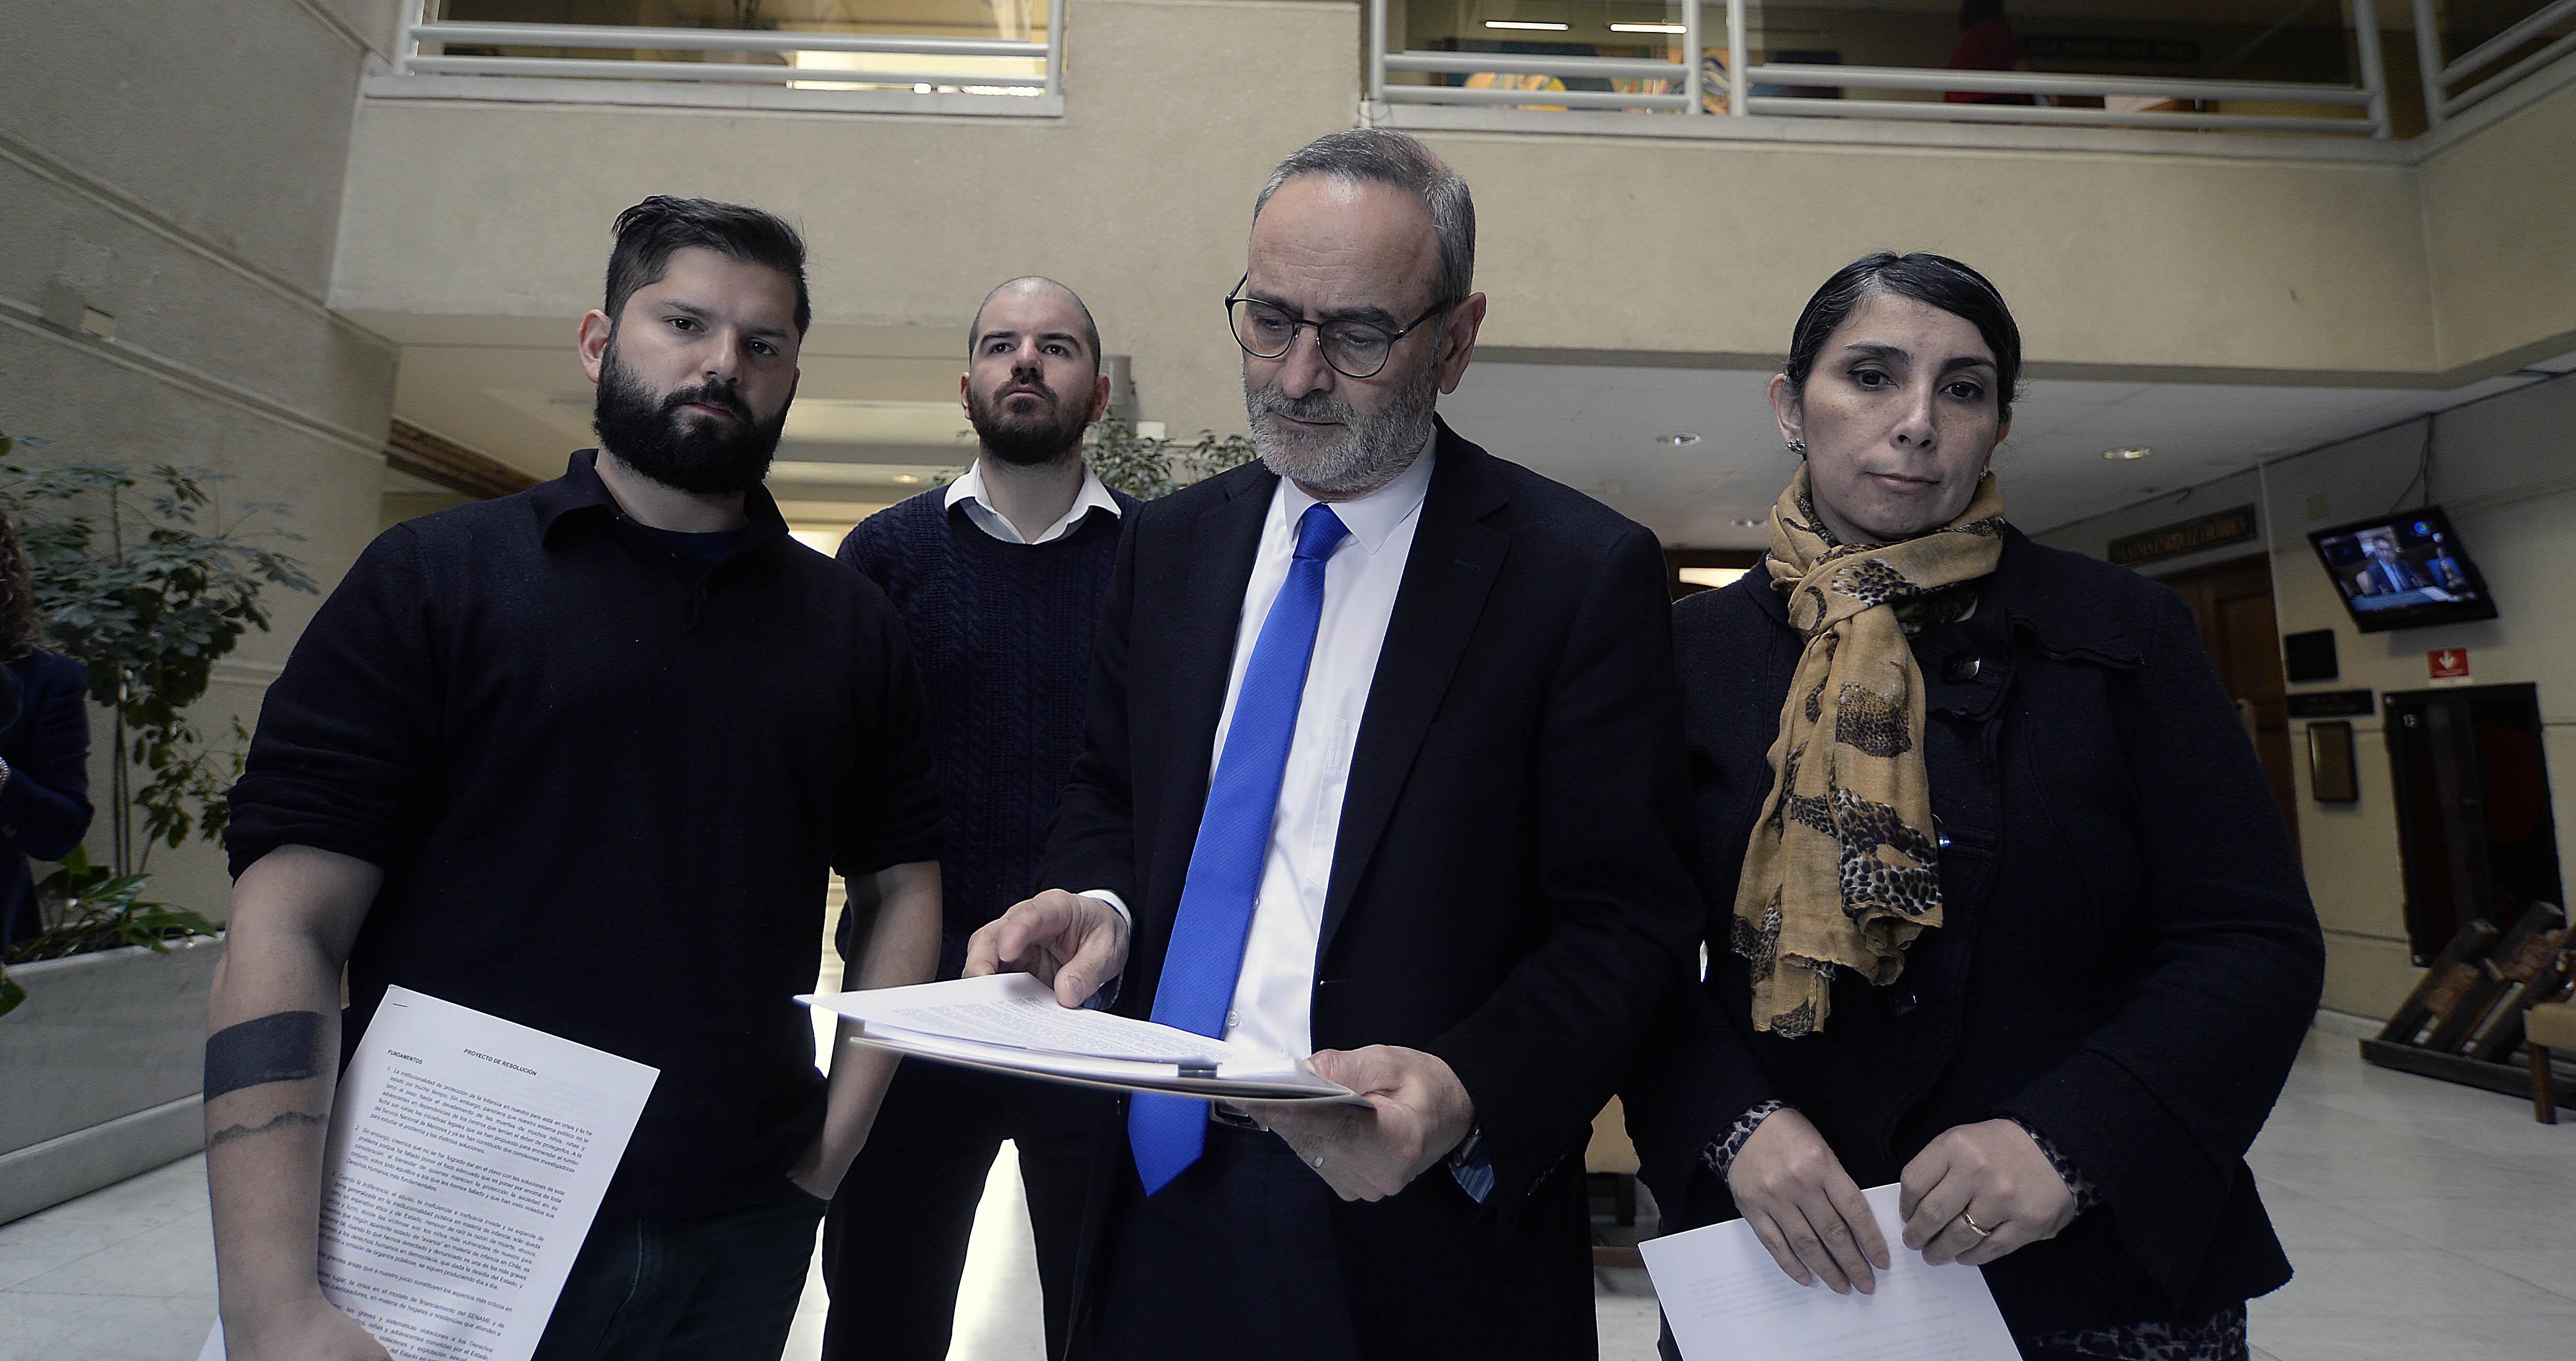 Crisis en Sename: las medidas que propone el informe paralelo de Saffirio, Boric y Jackson